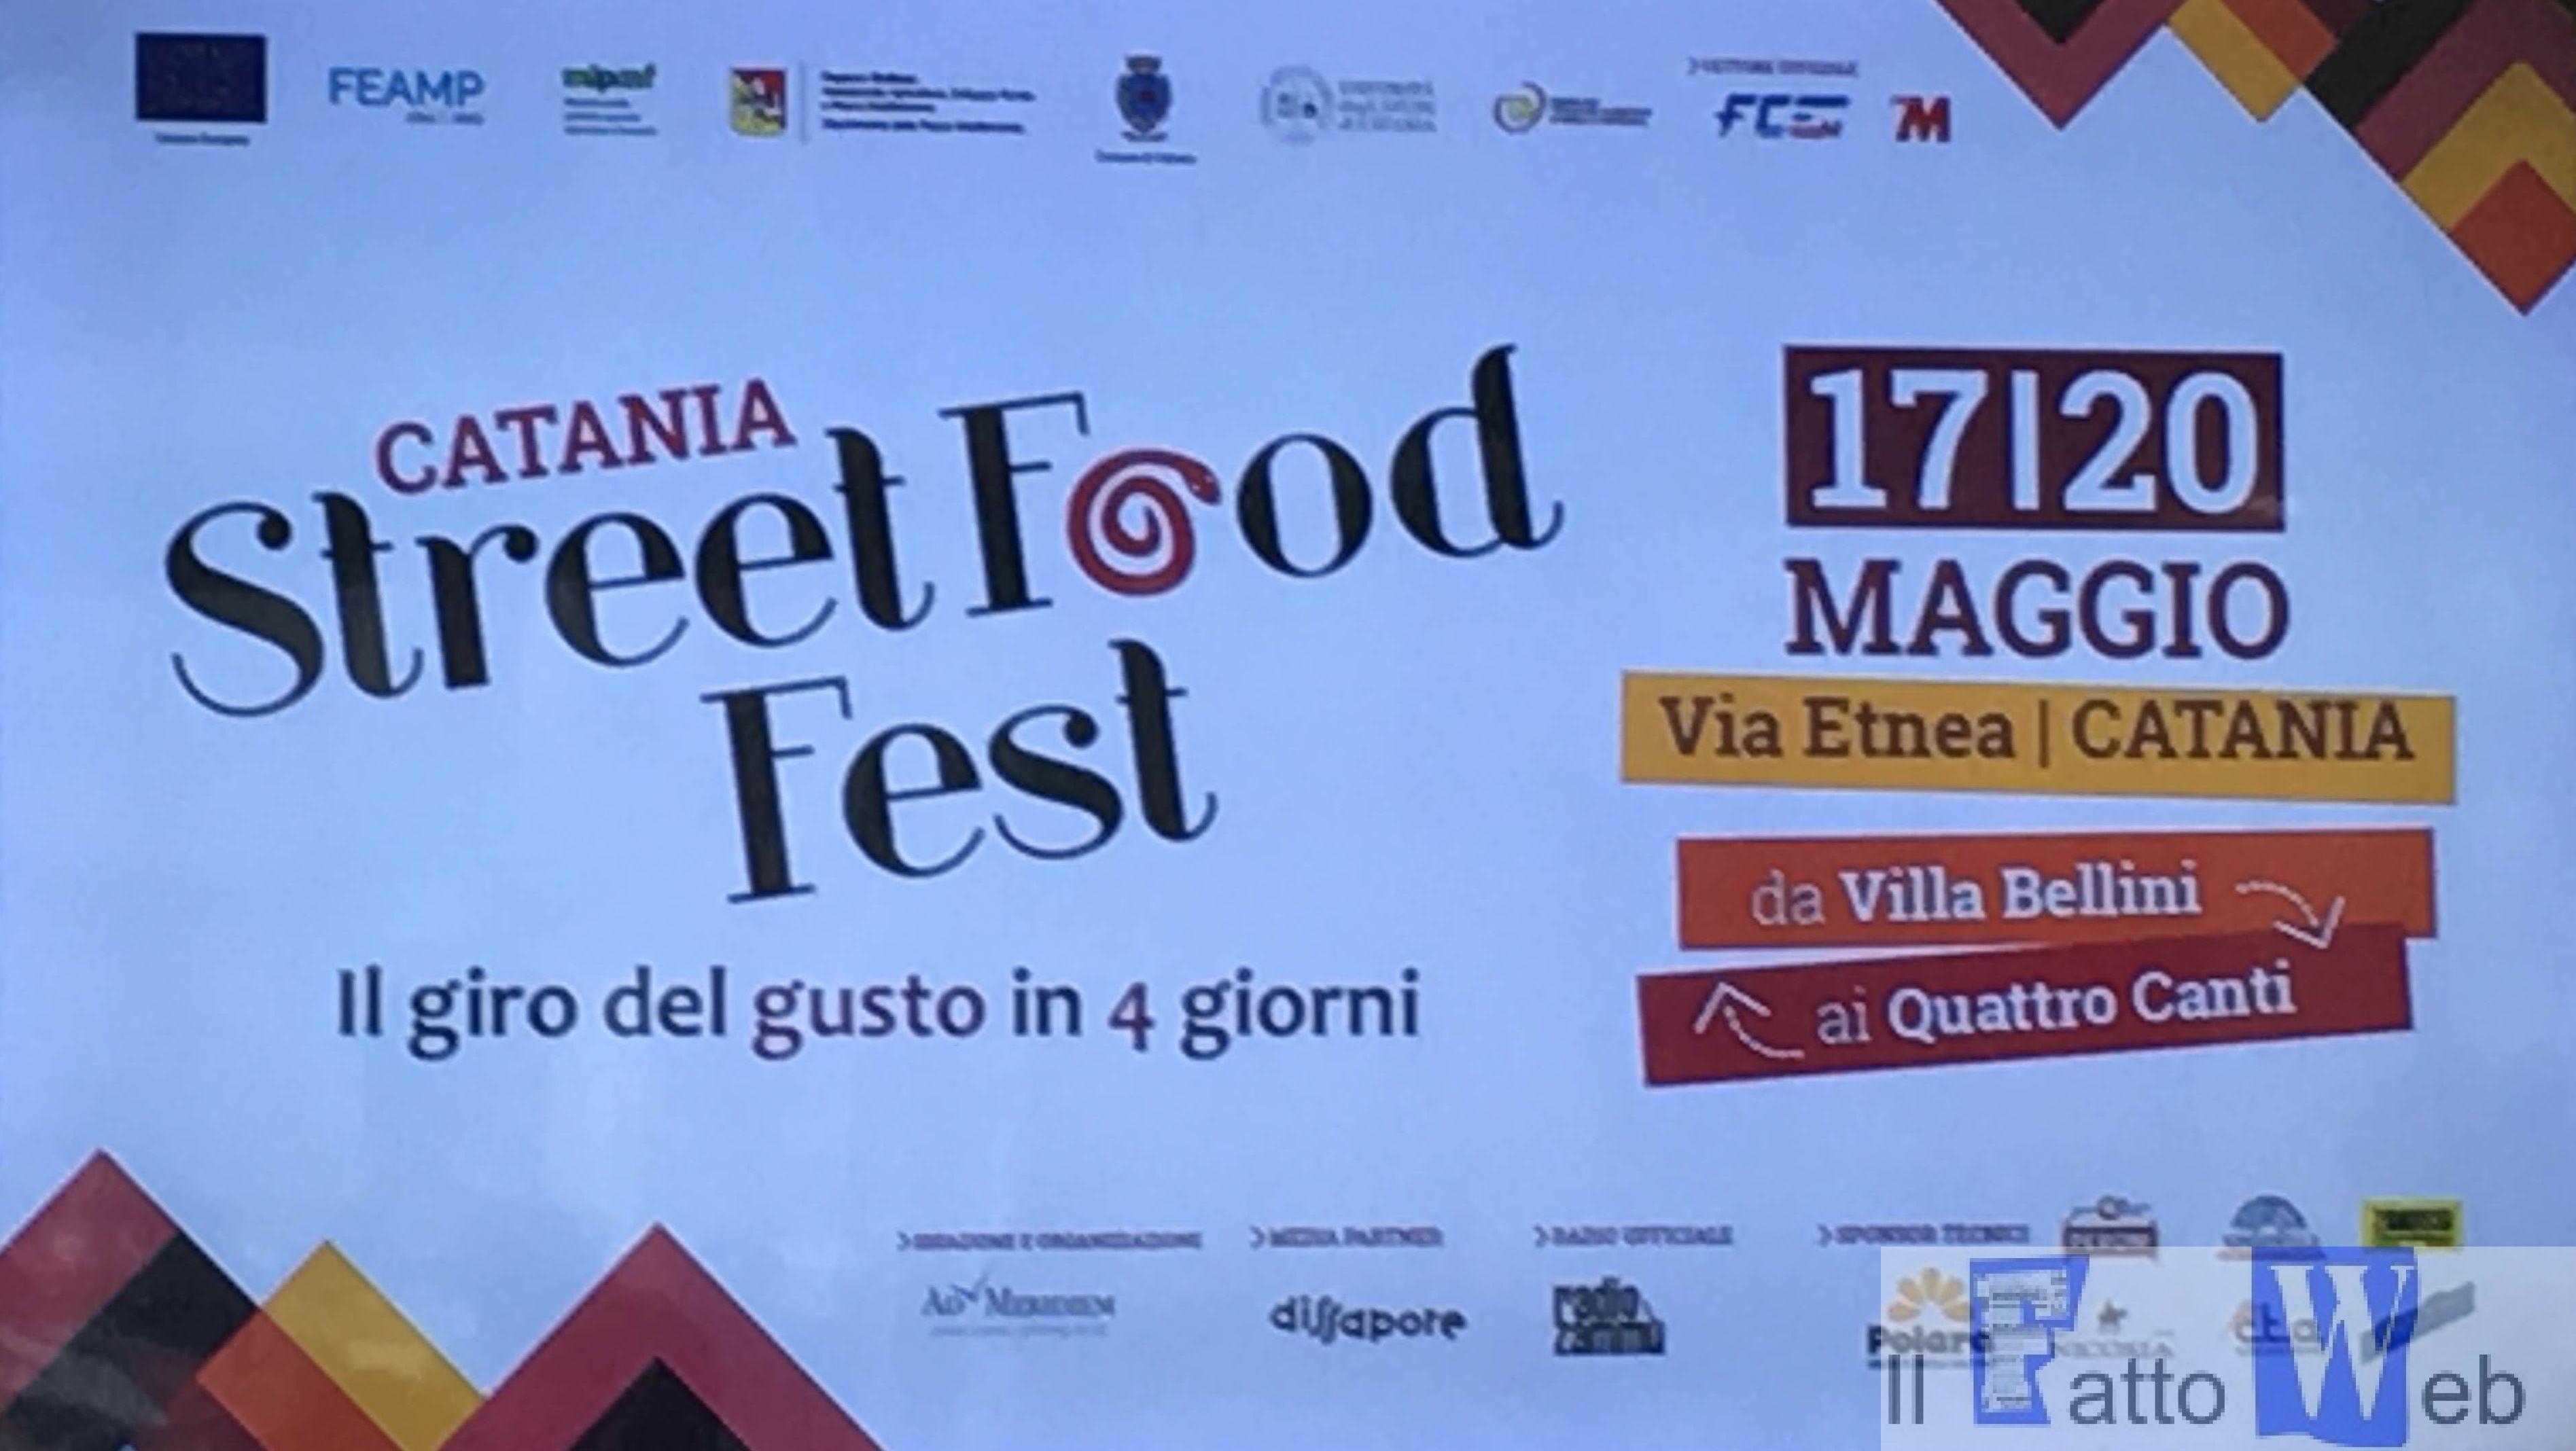 Lo Street Food Fest conquista la città di Catania